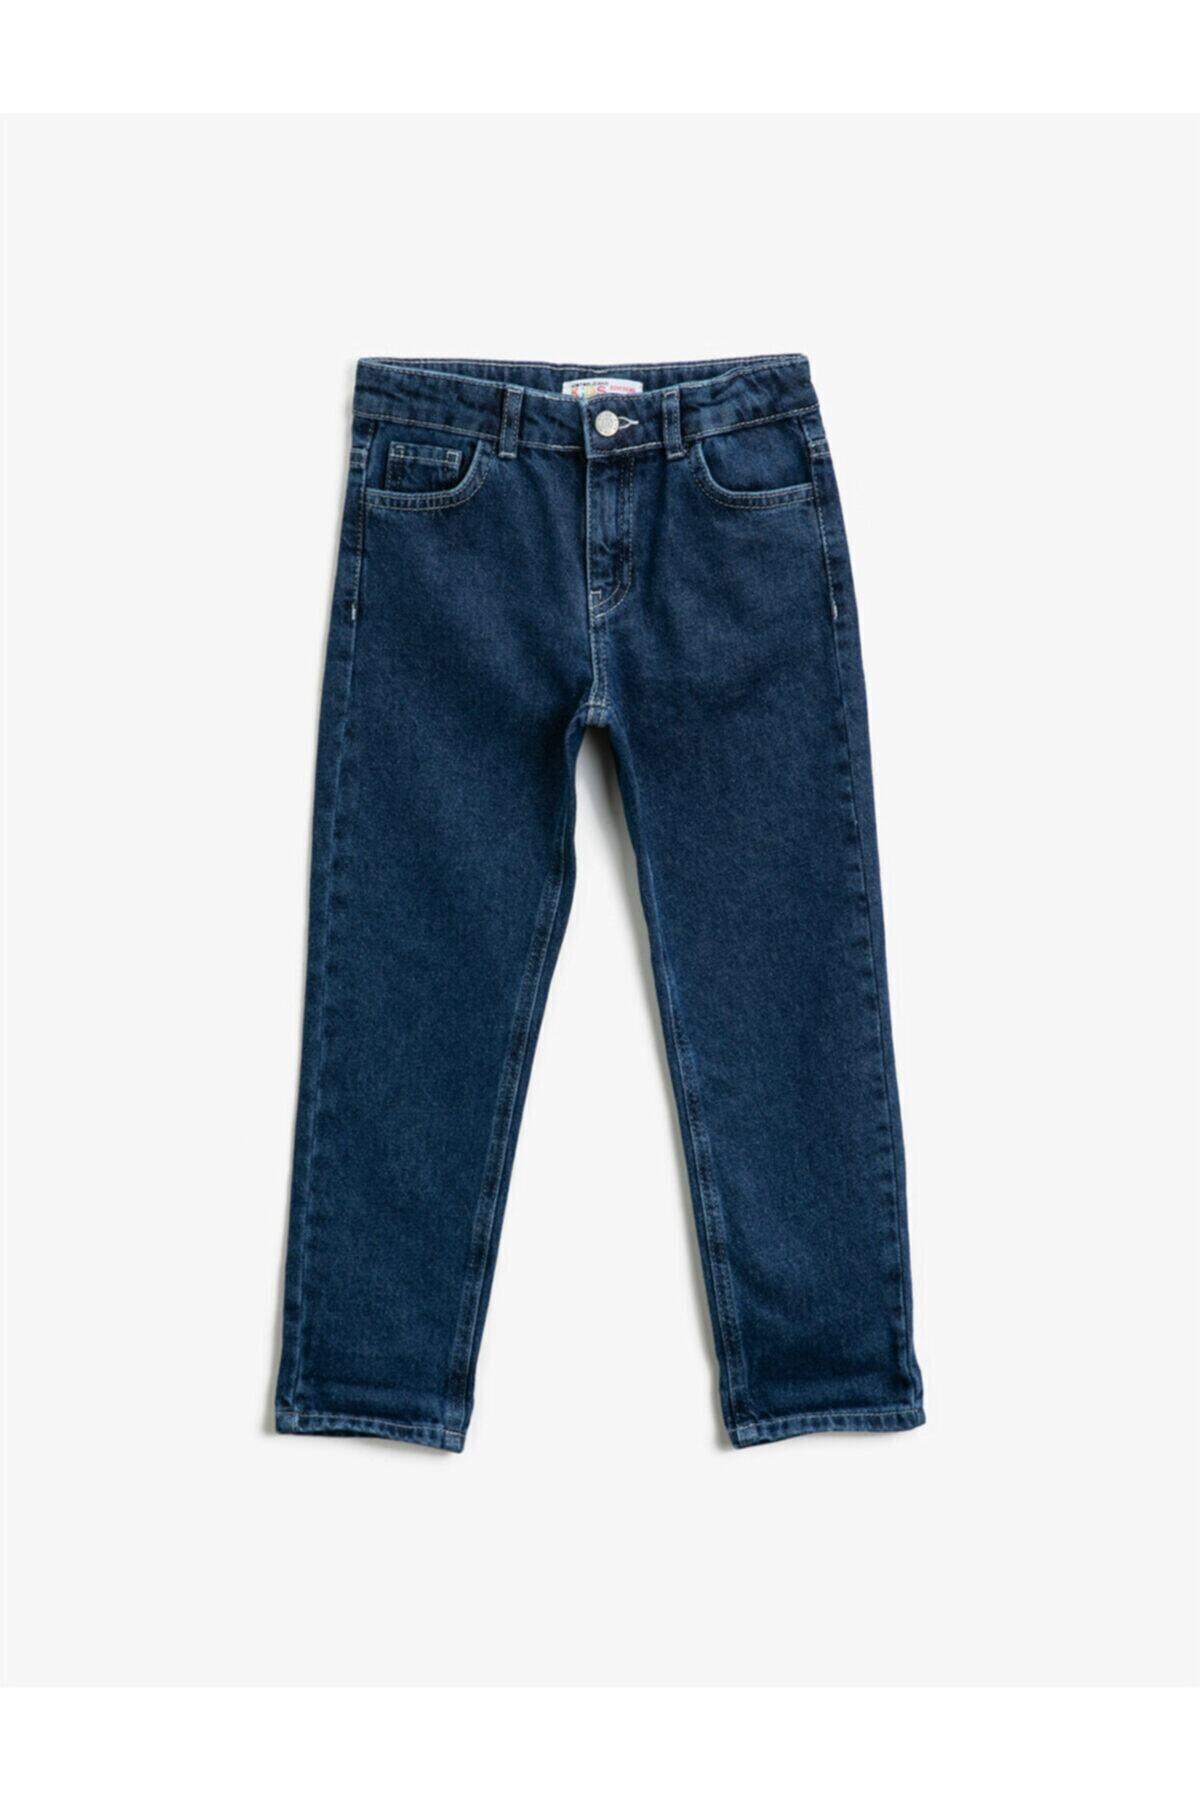 Kız Çocuk Orta Indigo Jeans 1YKG47754OD